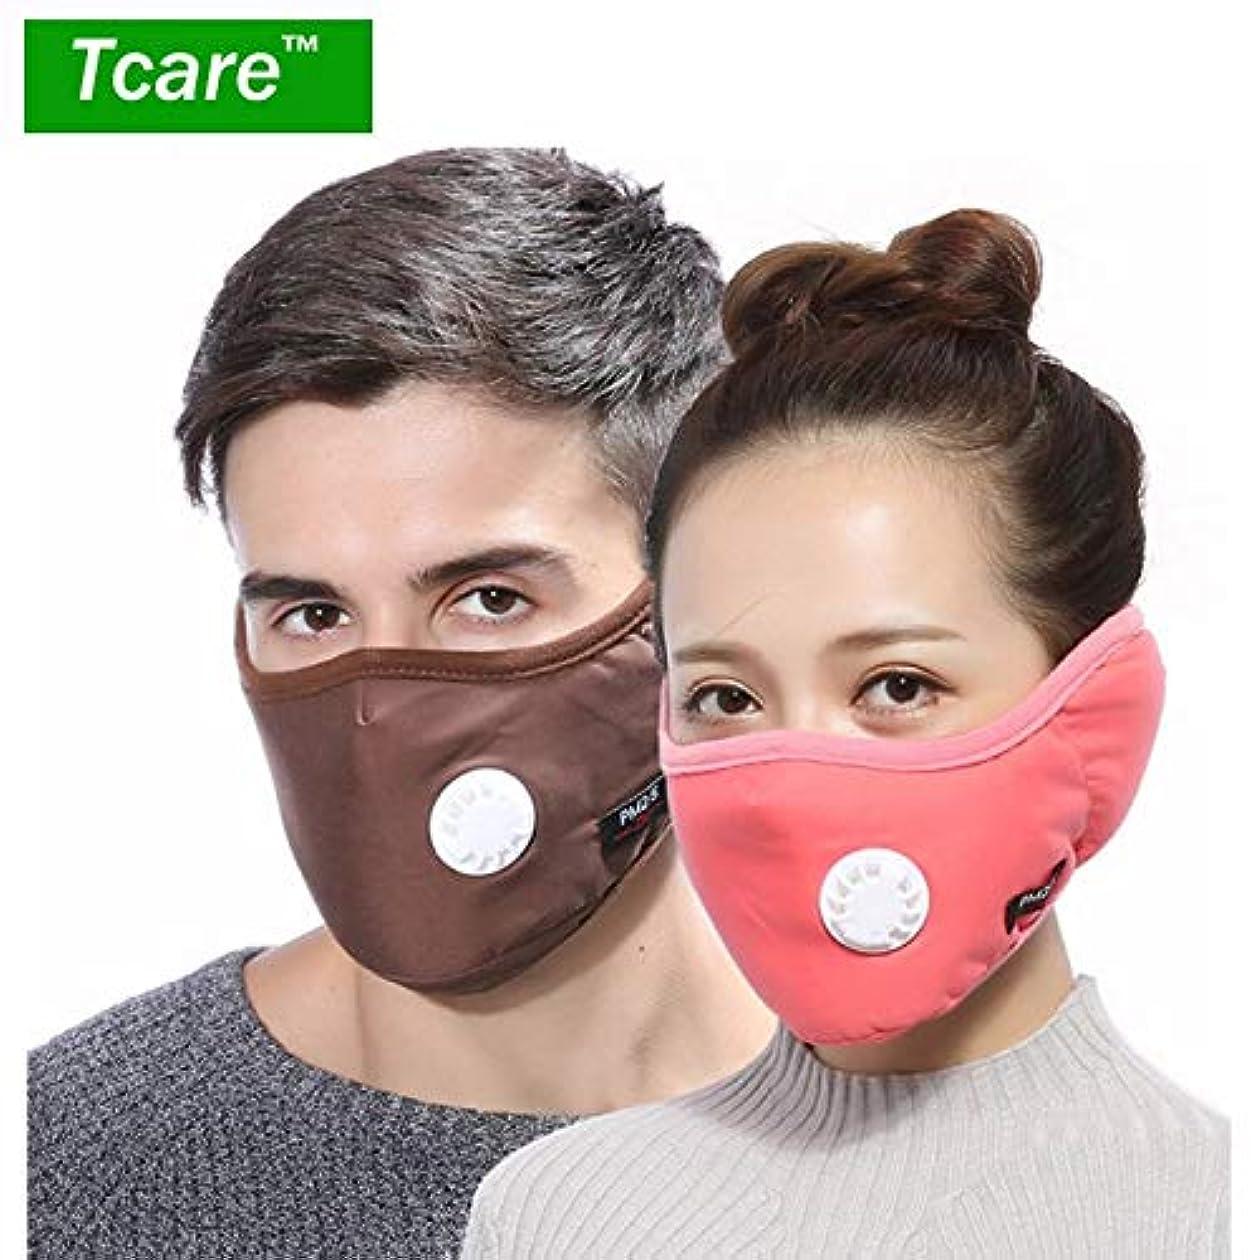 従事する敬意スロベニア4レッド:1 PM2.5マスクバルブコットンアンチダスト口マスクの冬のイヤーマフActtedフィルター付マスクでTcare 2